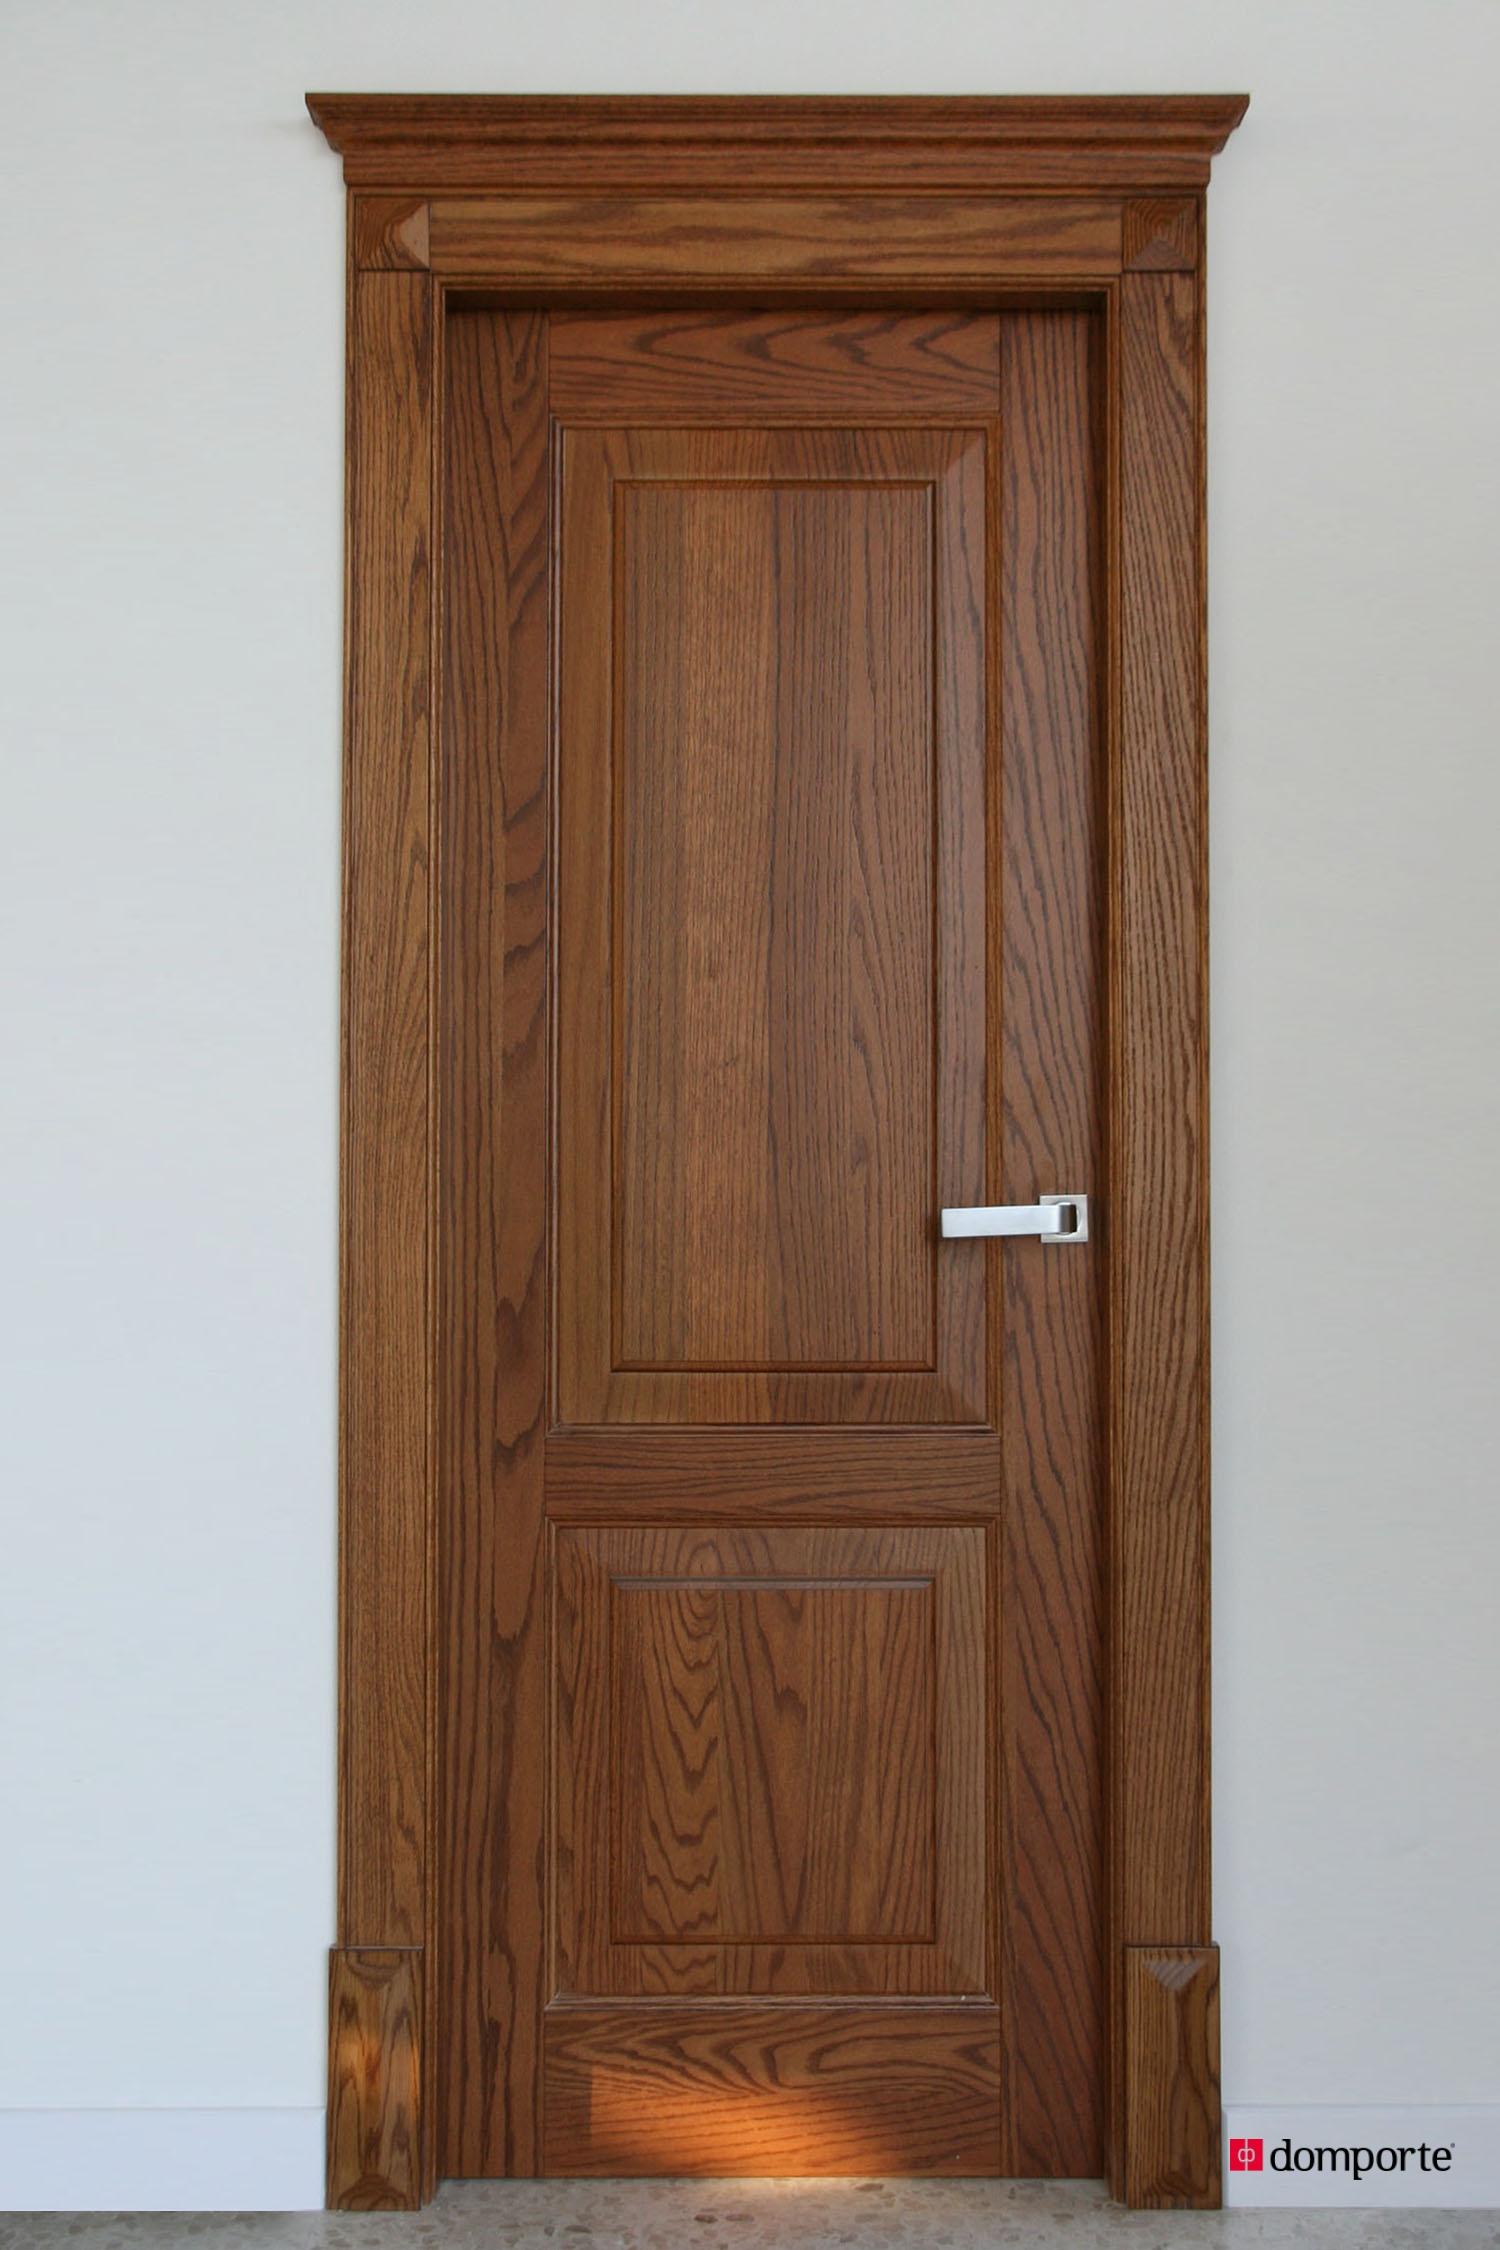 Puertas de madera domporte for Cambiar puertas interiores